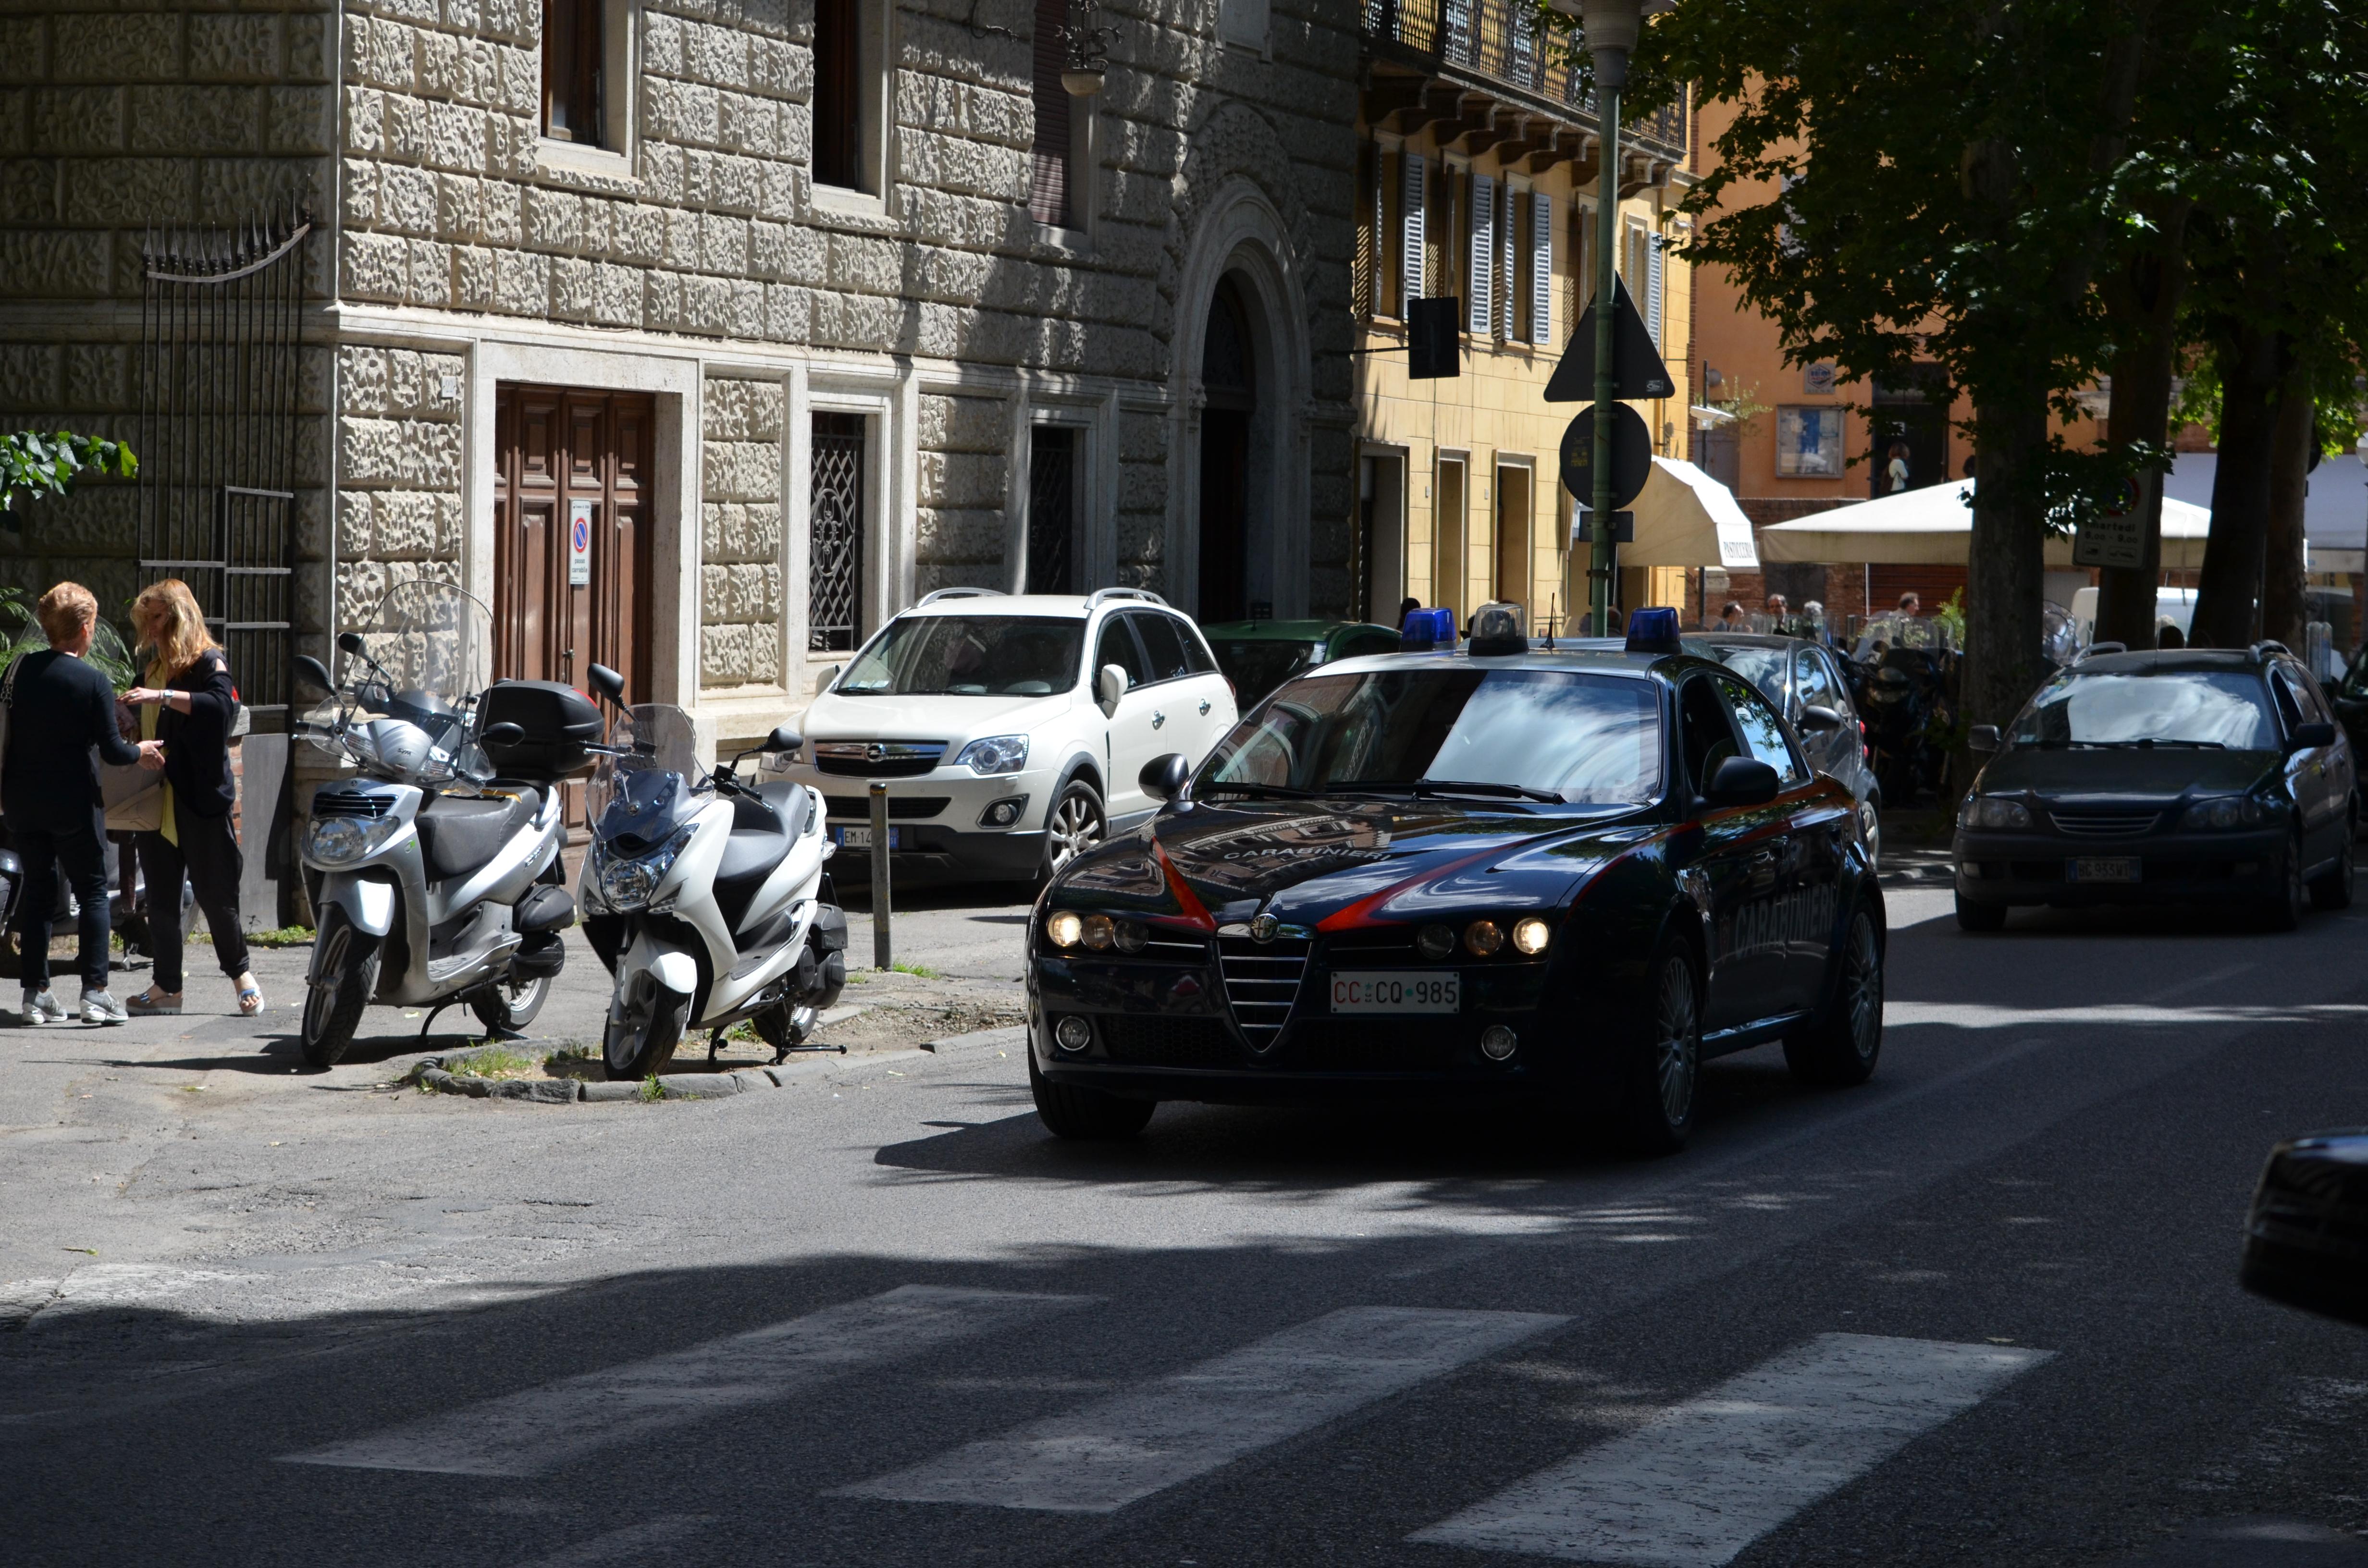 Arrestato per spaccio a Colle Val d'Elsa un 35enne albanese